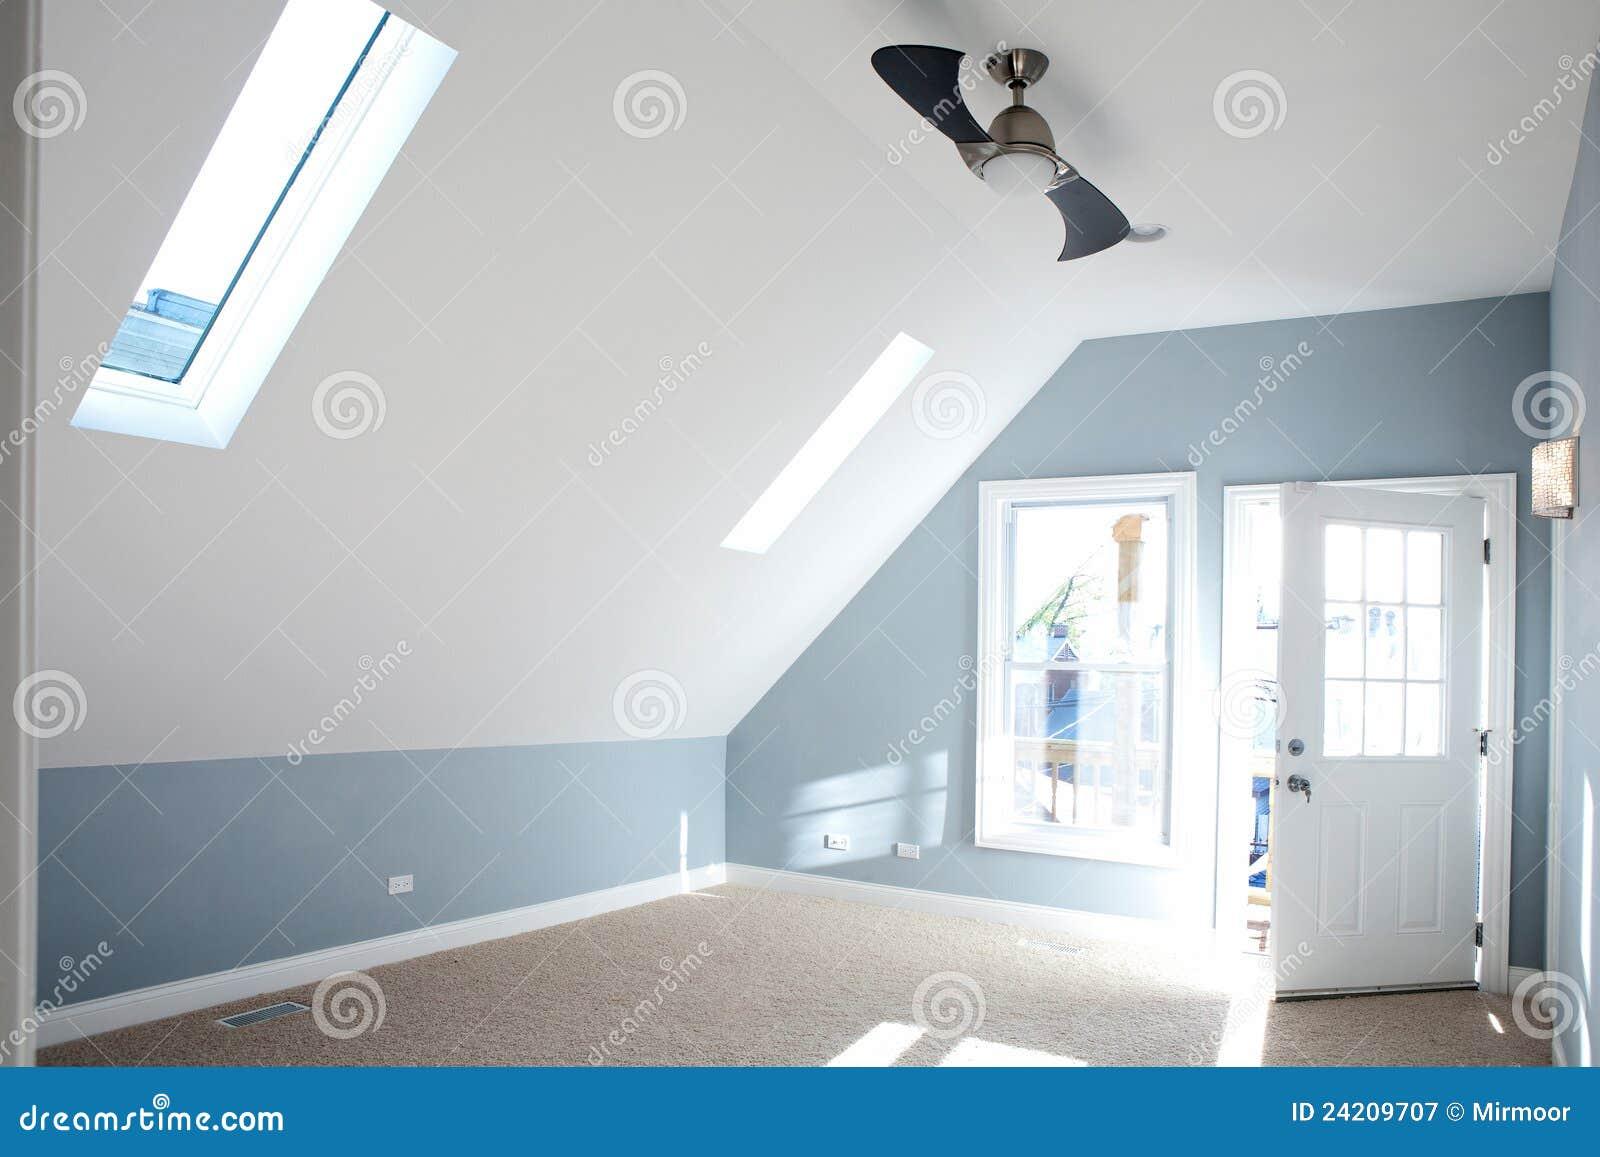 Moderne Lege Slaapkamer Met Blauwe Muurkleur. Royalty ...